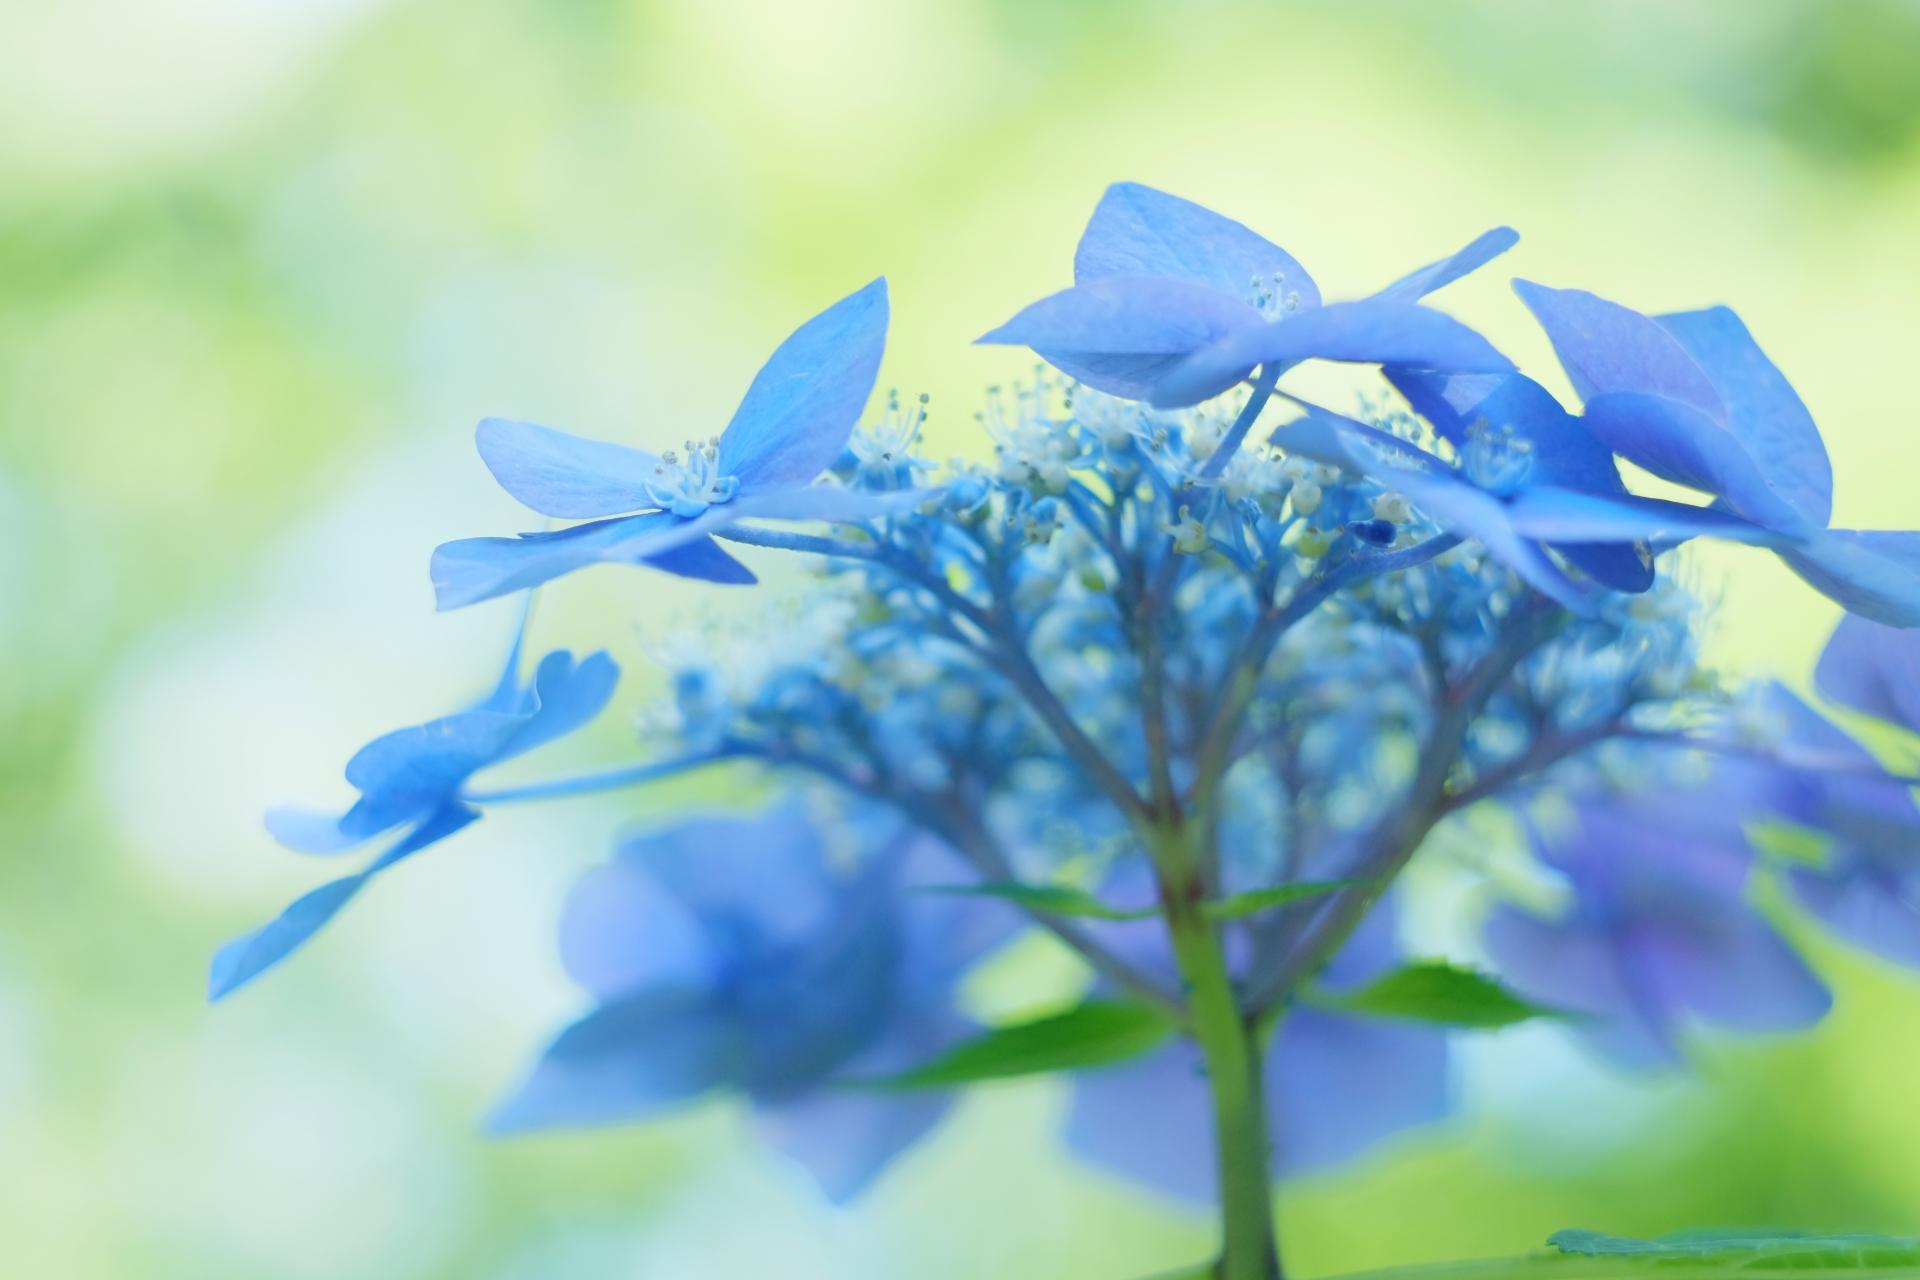 紫陽花の漢字の由来は?あじさいの名前の語源と紫陽花の当て字の背景